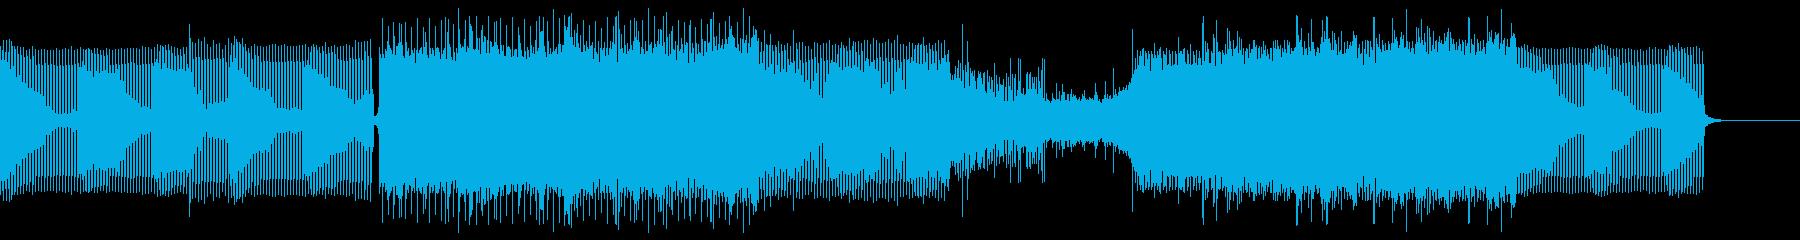 幻想的かつクールなテクノの再生済みの波形